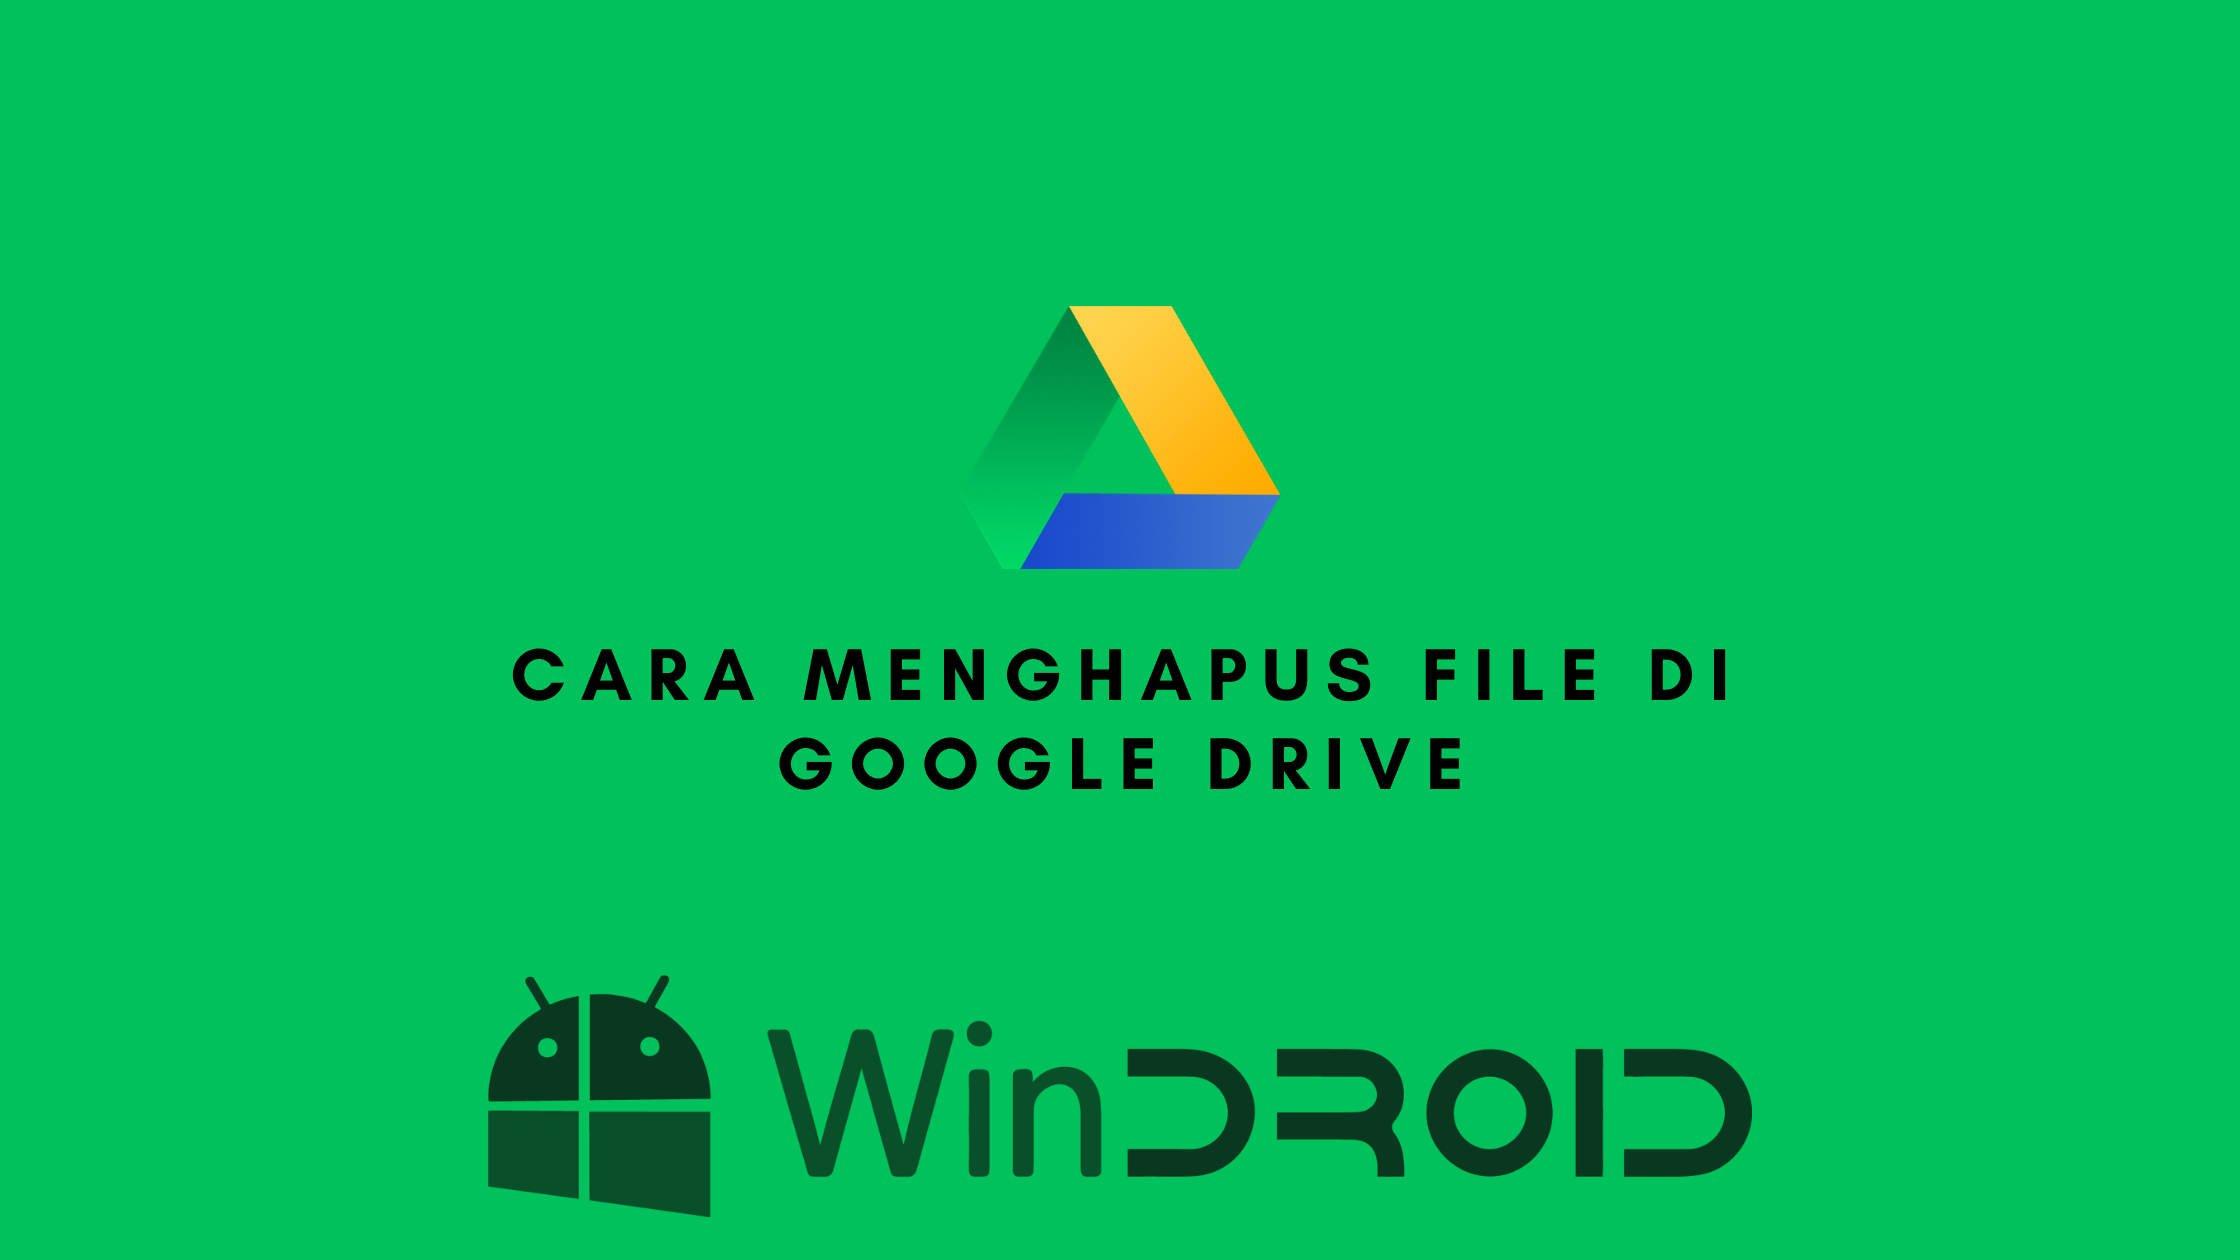 cara menghapus file di google drive secara permanen